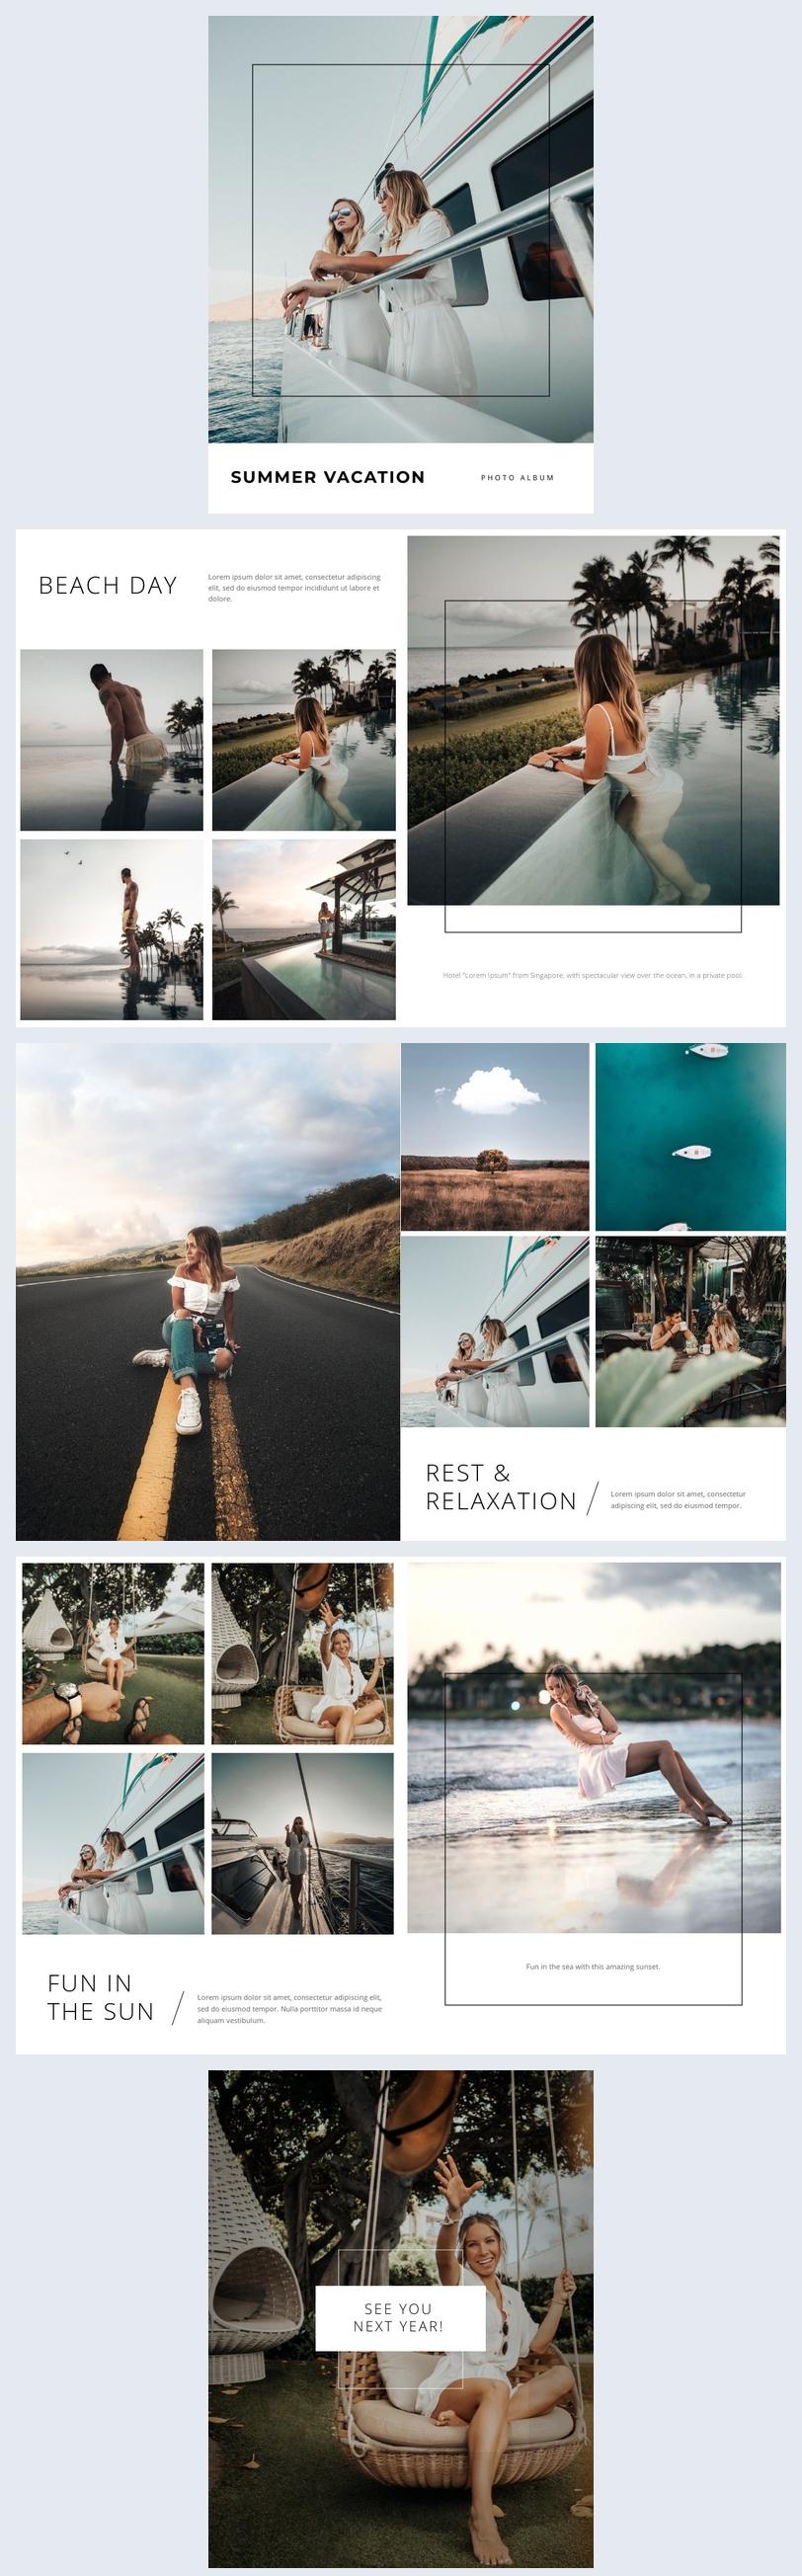 Modello elegante per album fotografico vacanza